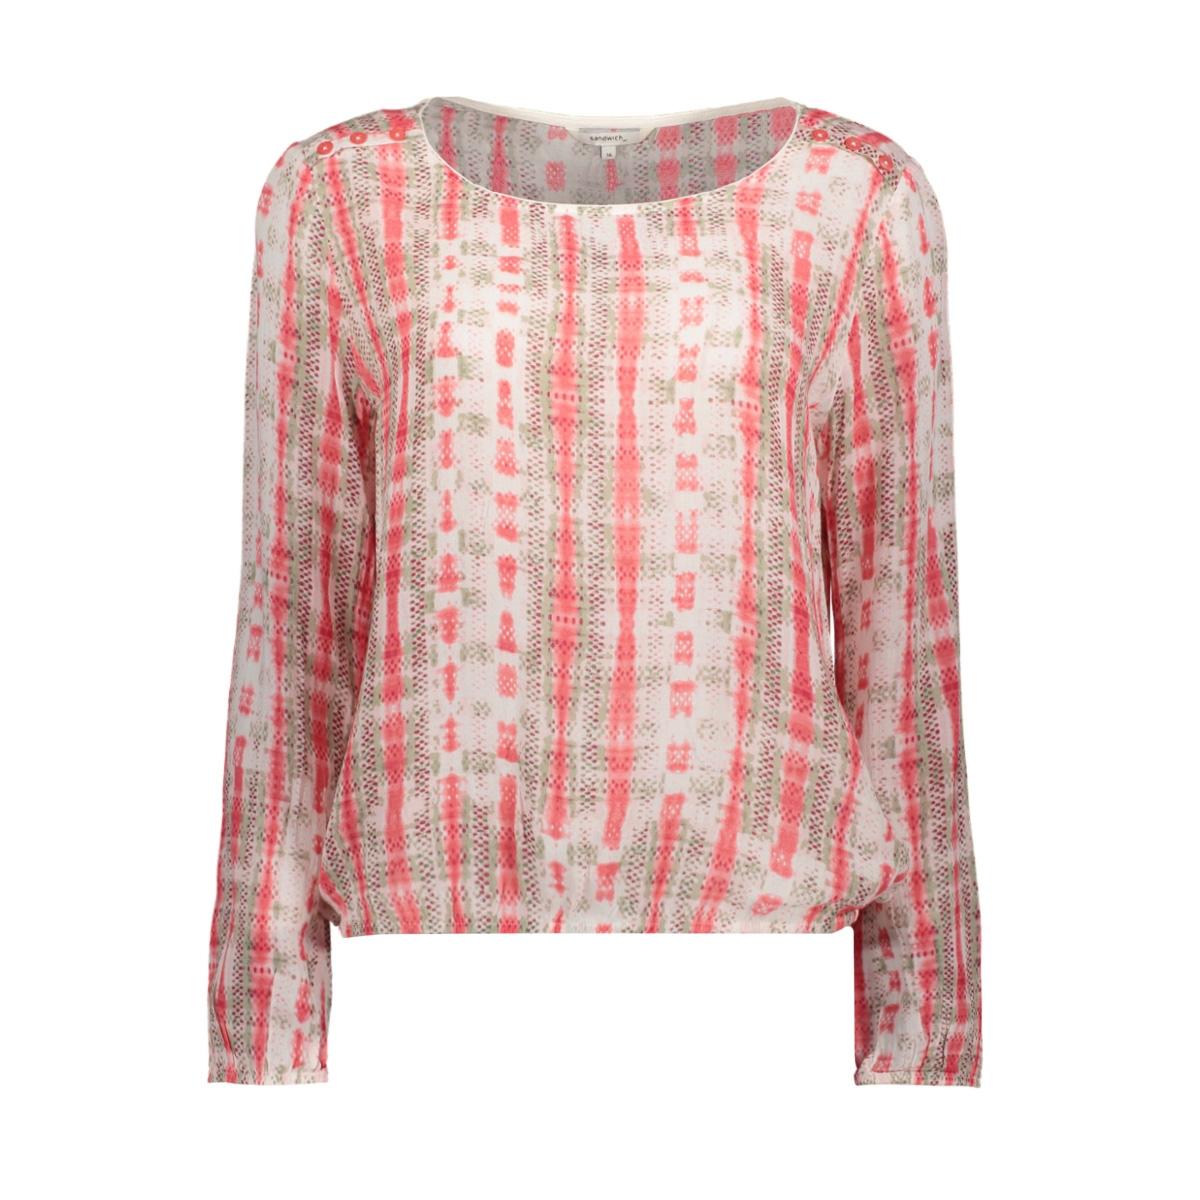 blouse met sierknoopjes 22001687 sandwich blouse 20106